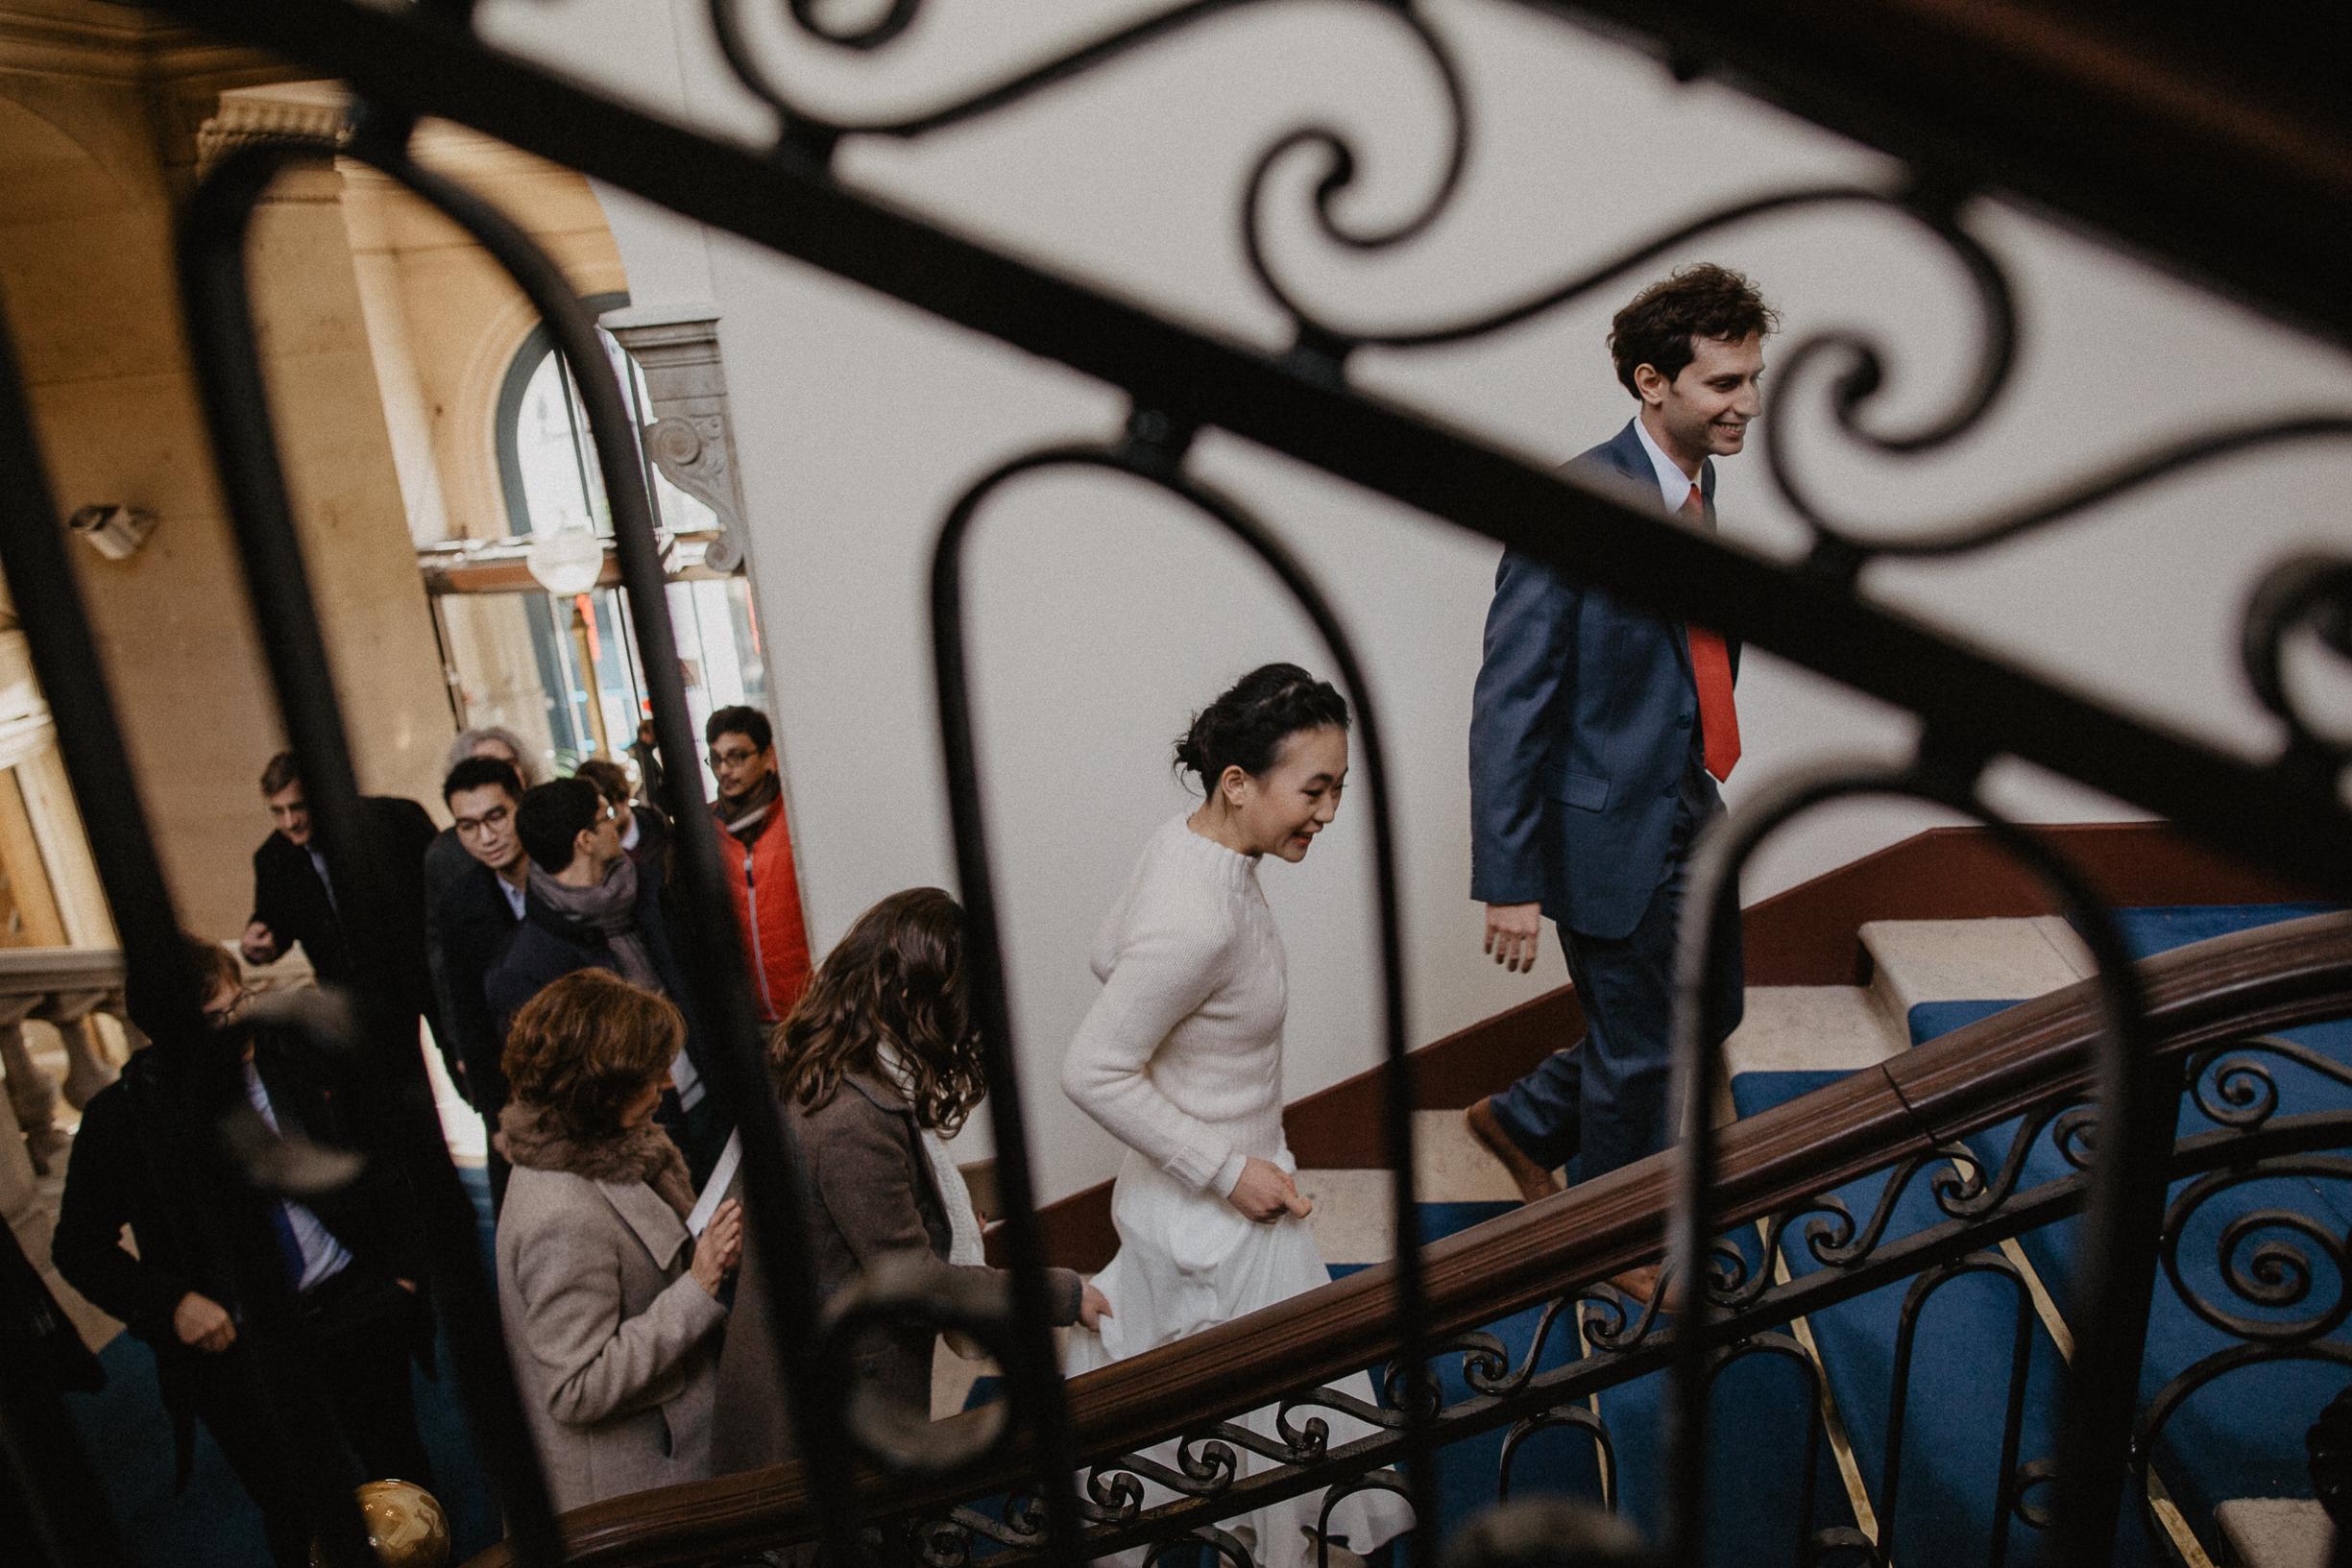 Mariage civil Paris mairie 13e arrondissement